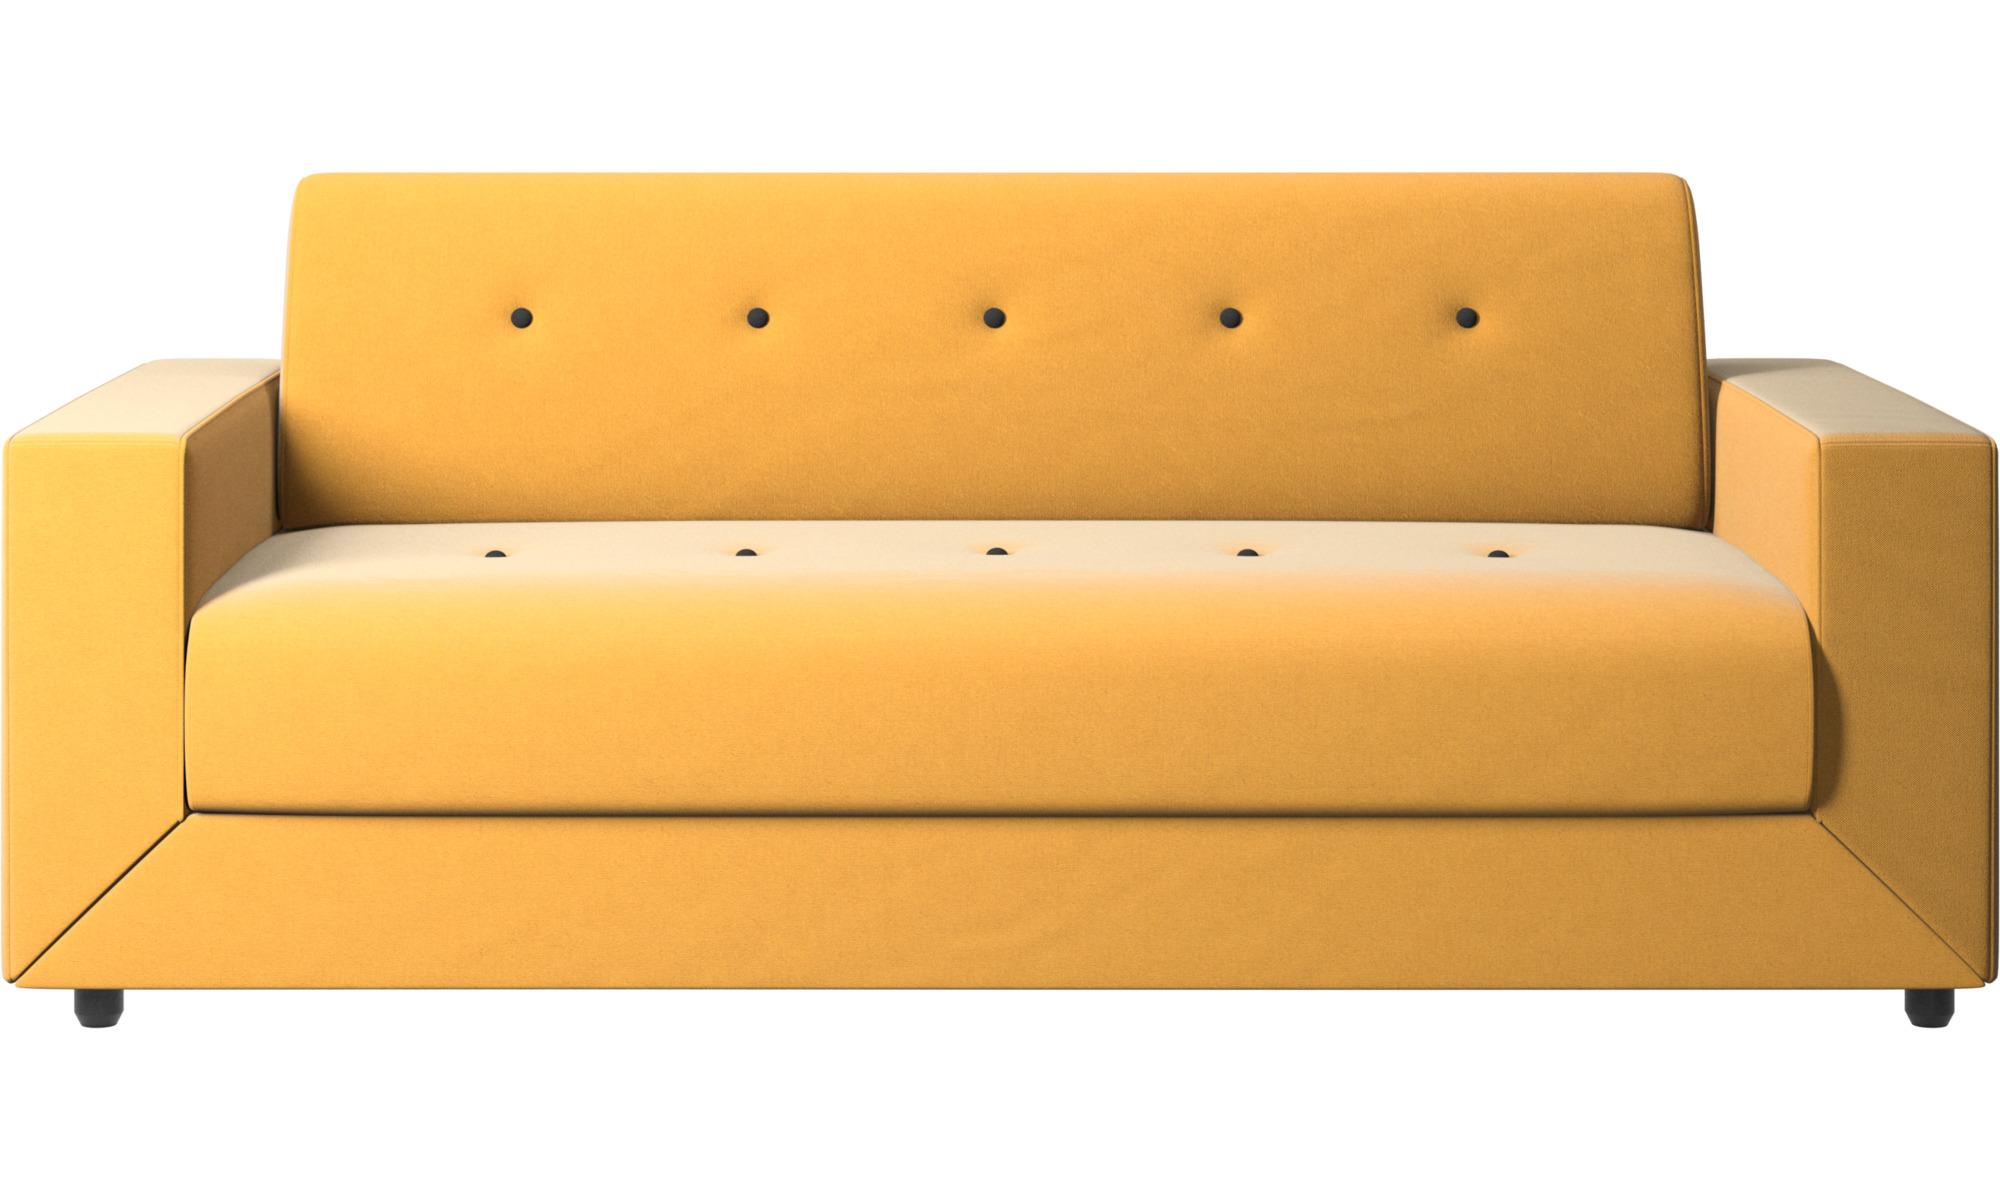 Sofás cama - Sofá cama Stockholm - En amarillo - Tela